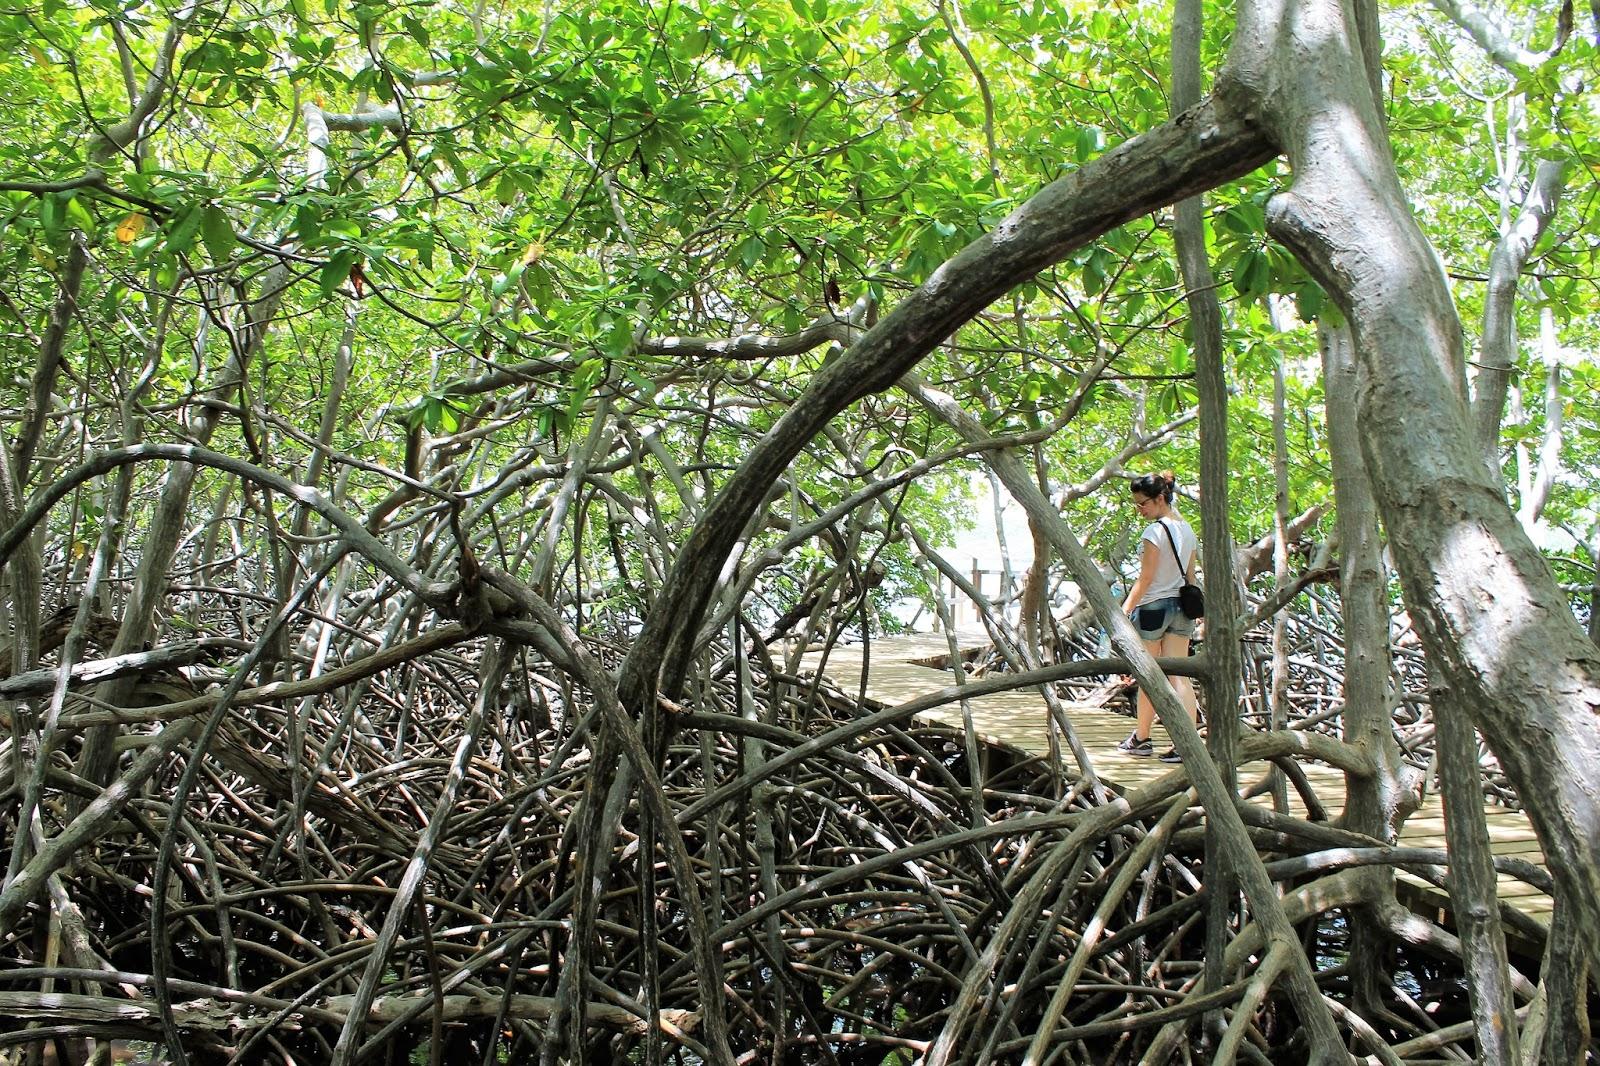 martinique île presqu'île caravelle  soleil  mangrove randonnée gorge de la falaise ajoupa bouillon